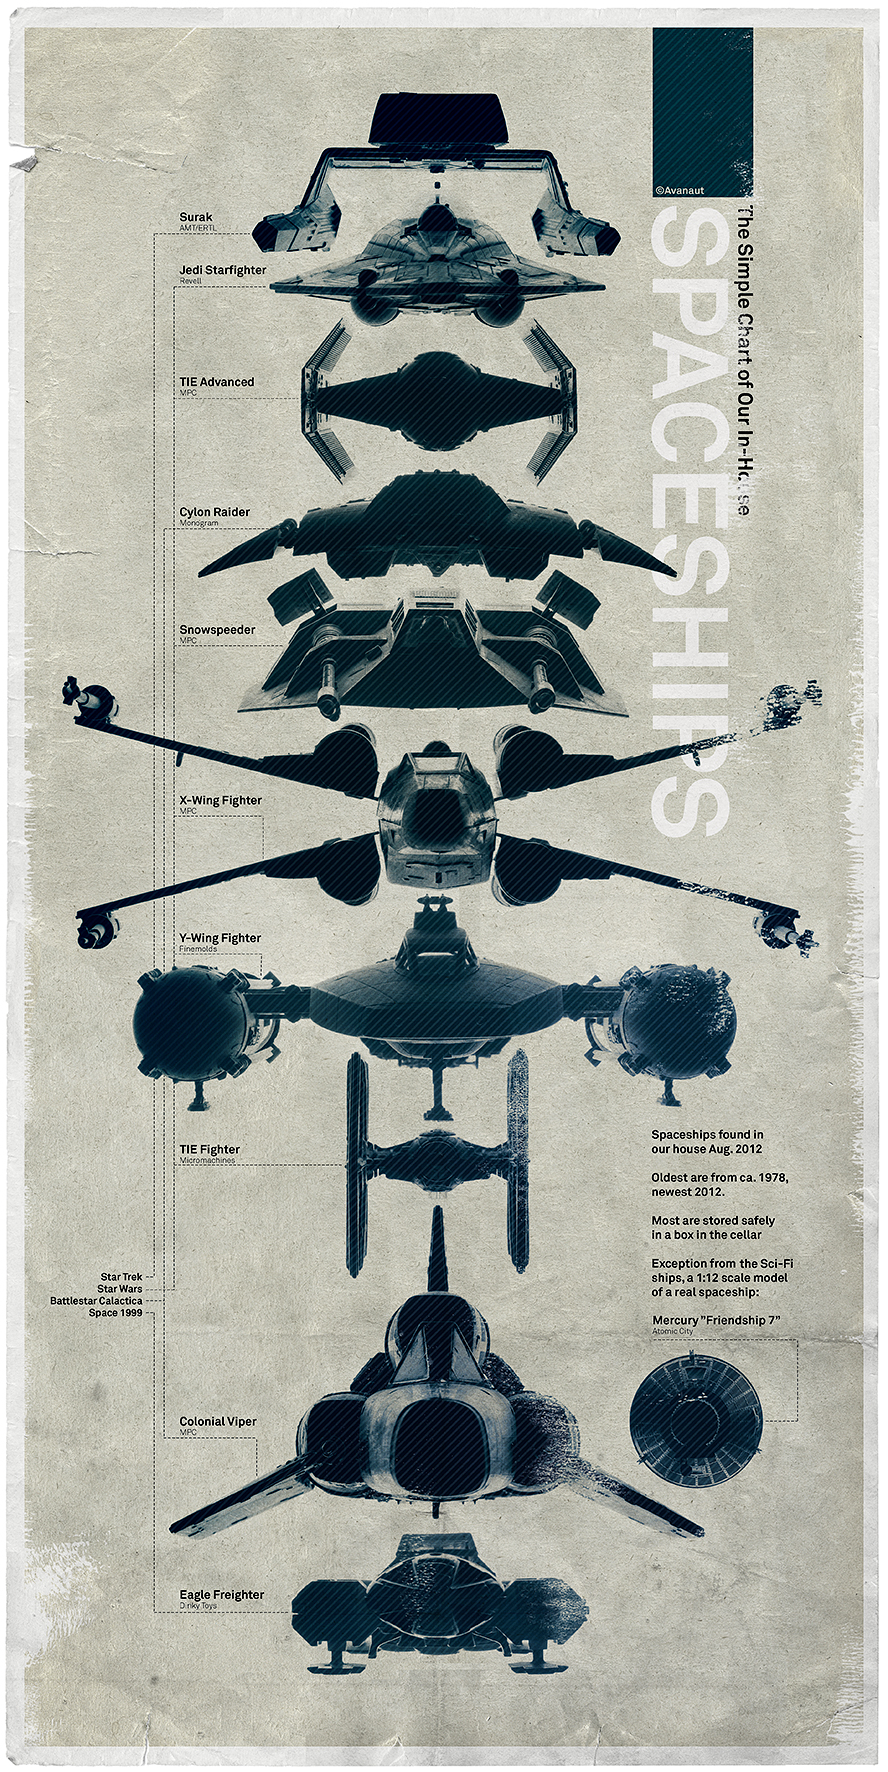 sci fi space shuttle craft - photo #48